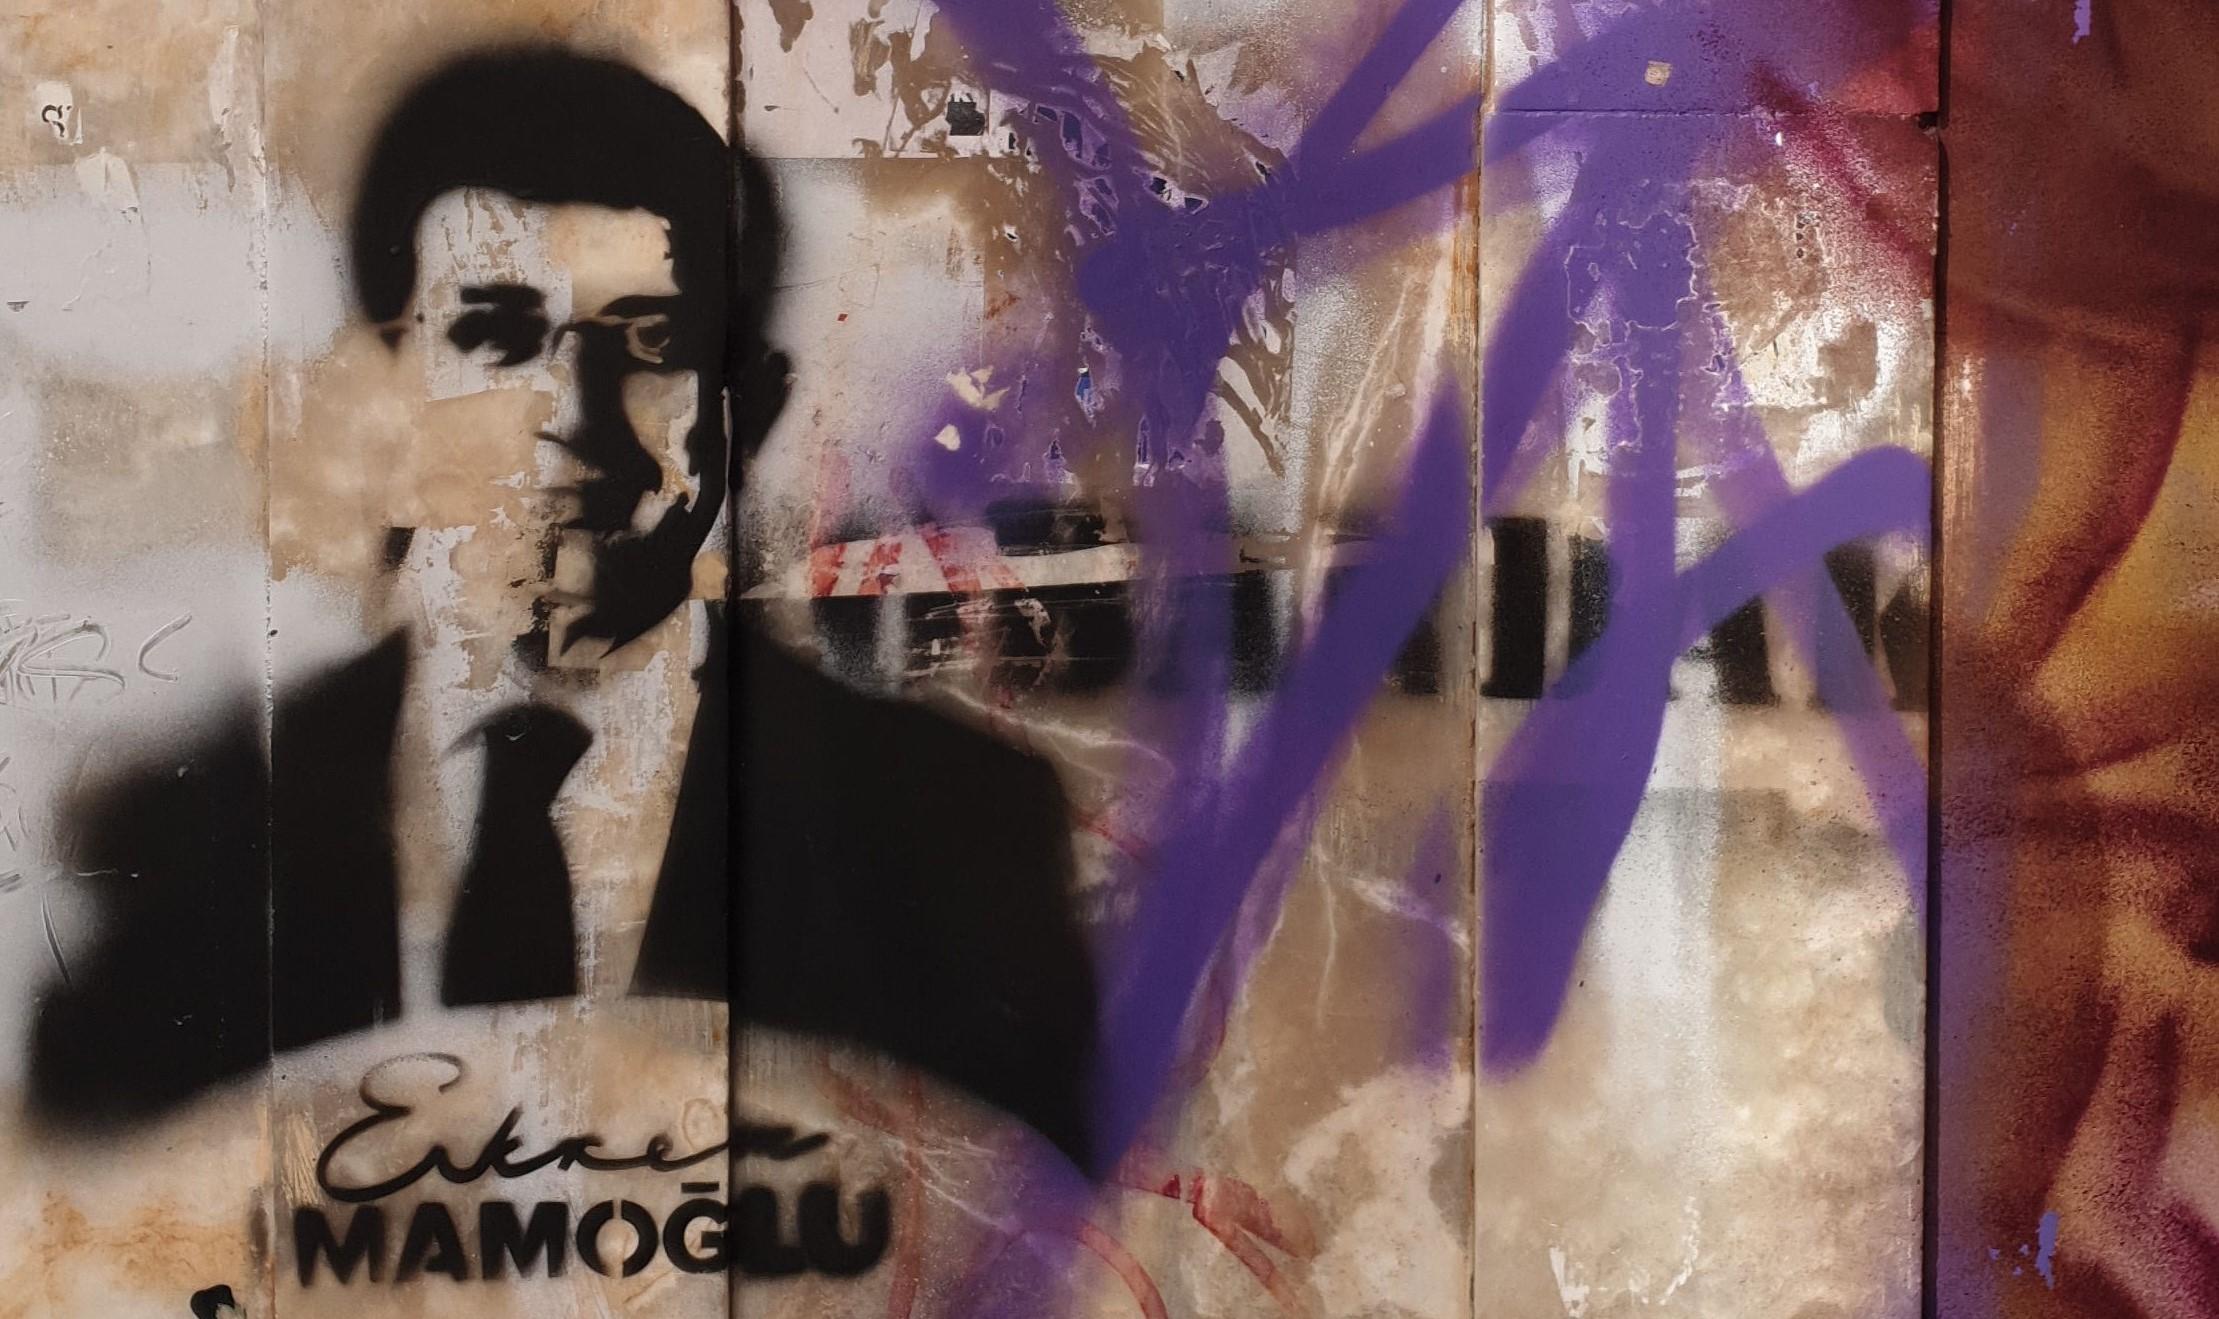 graffiti Imamoglu